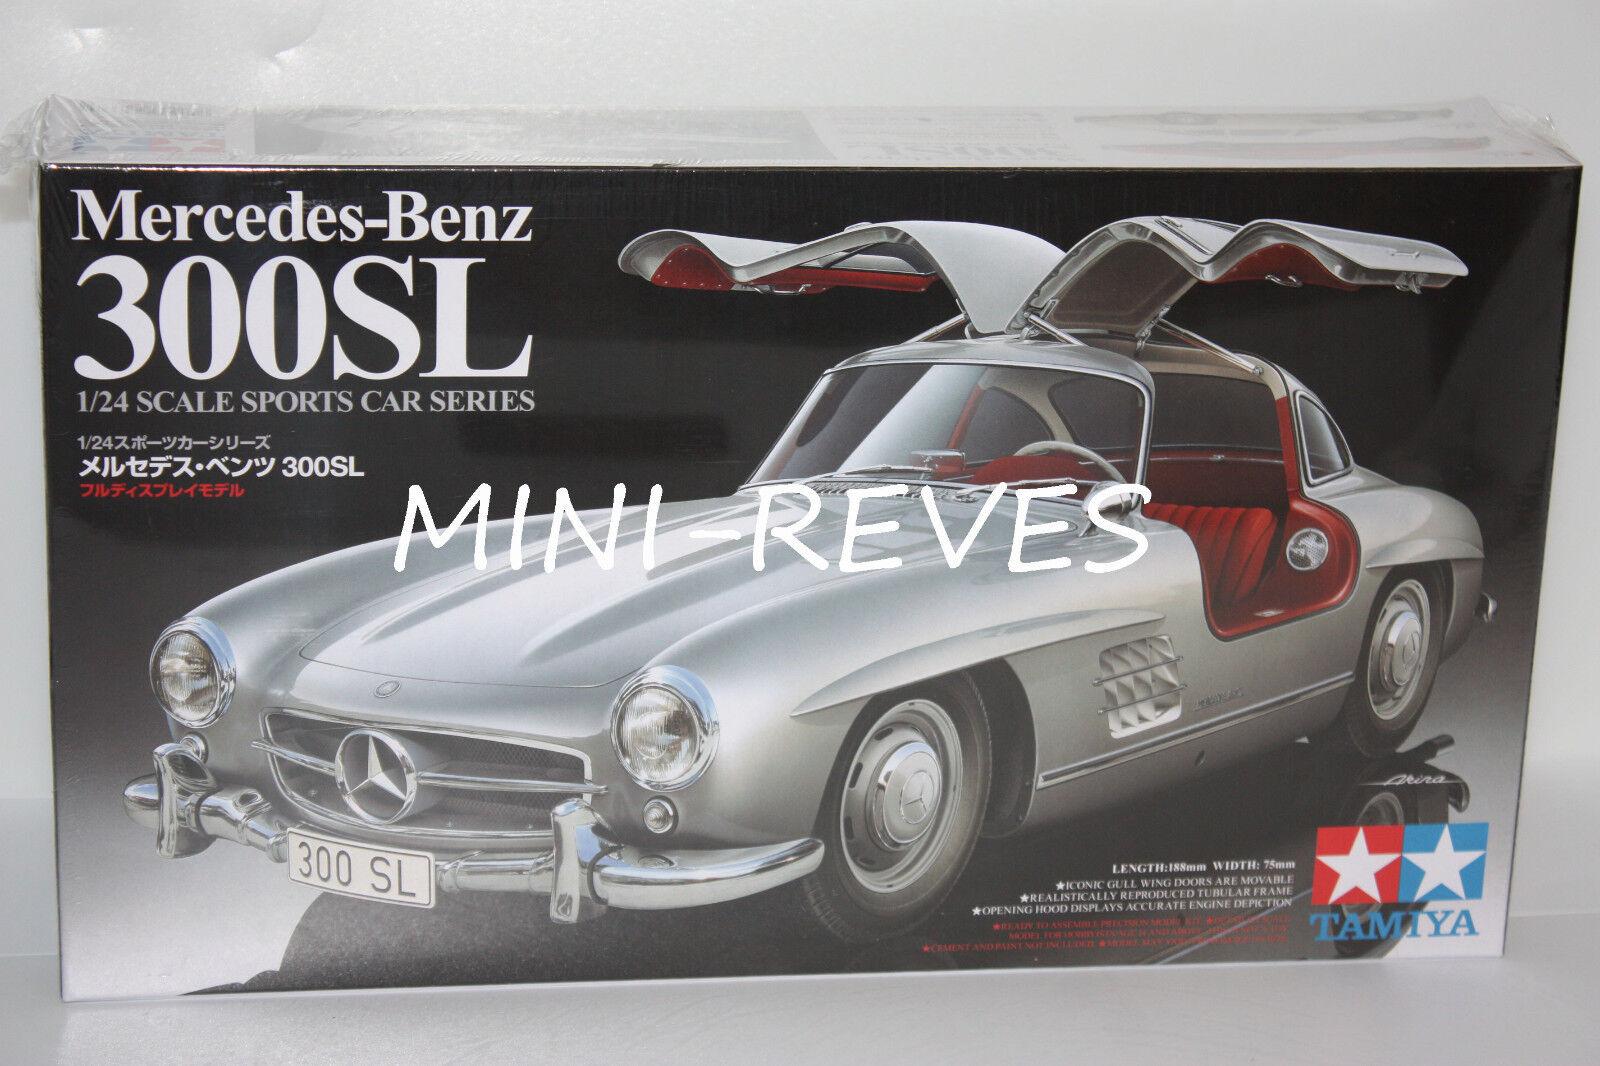 orden ahora con gran descuento y entrega gratuita Tamiya Mercedes Benz 300Sl 1 24 24 24 24338  ¡envío gratis!